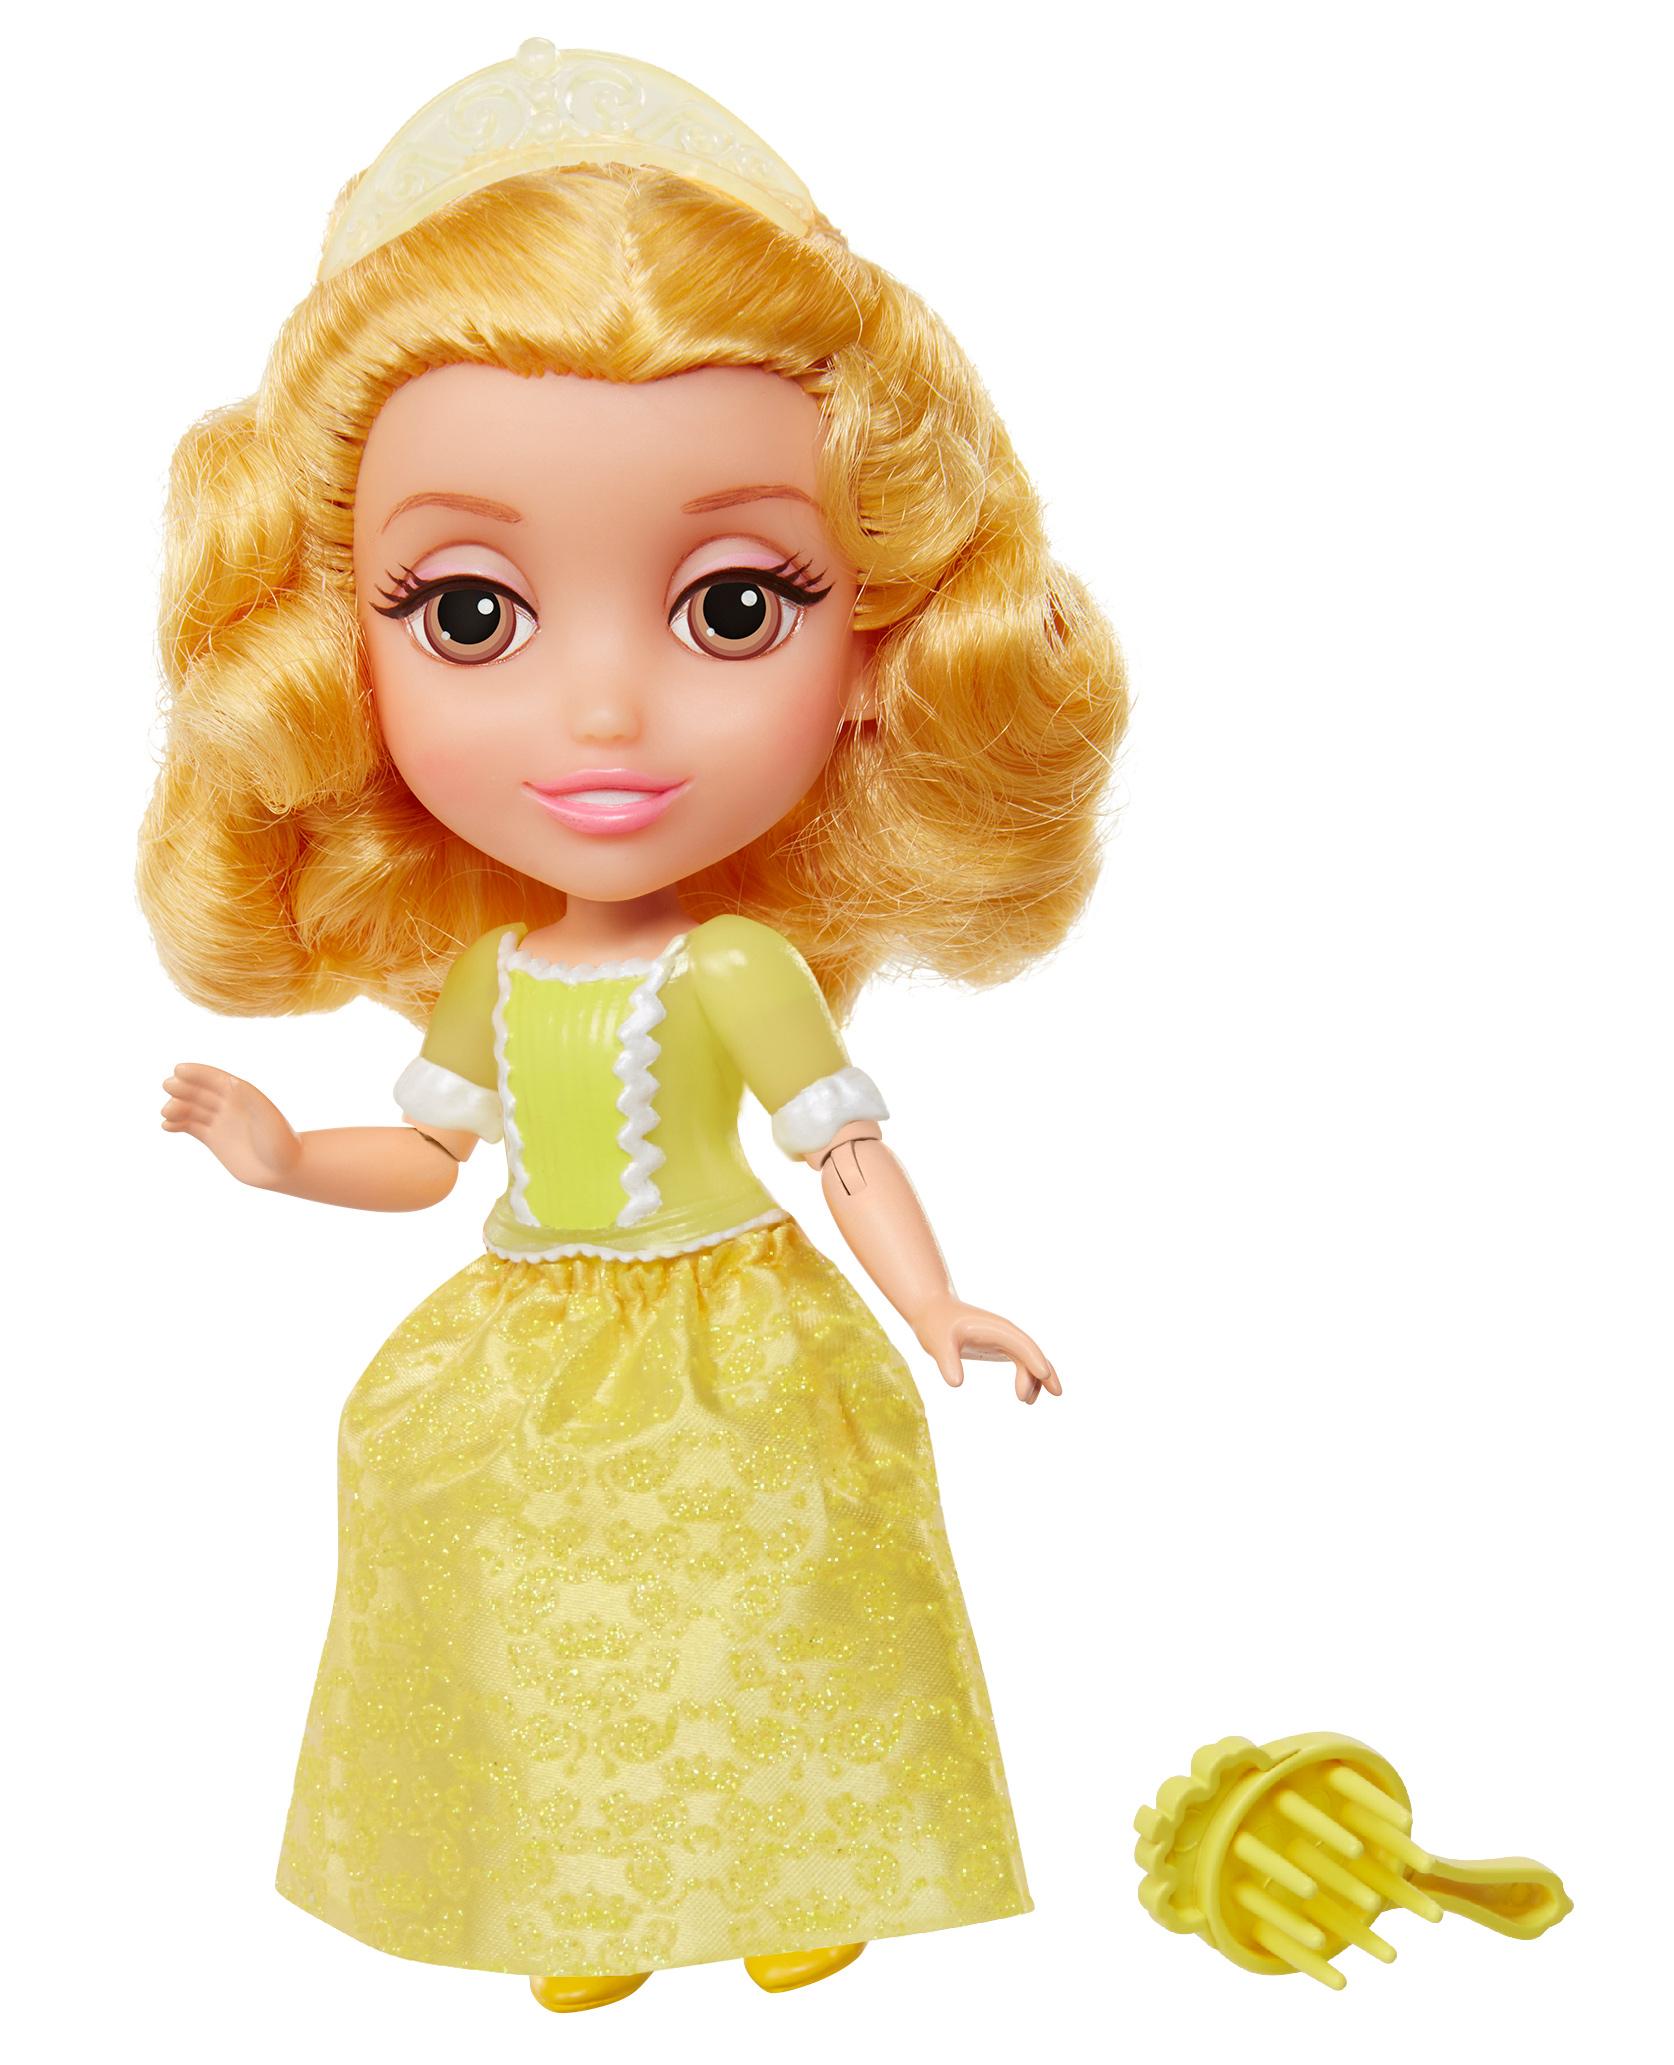 Игровой набор «Кукла с расческой» Jakks Pacific Арт. 01451 (01301)